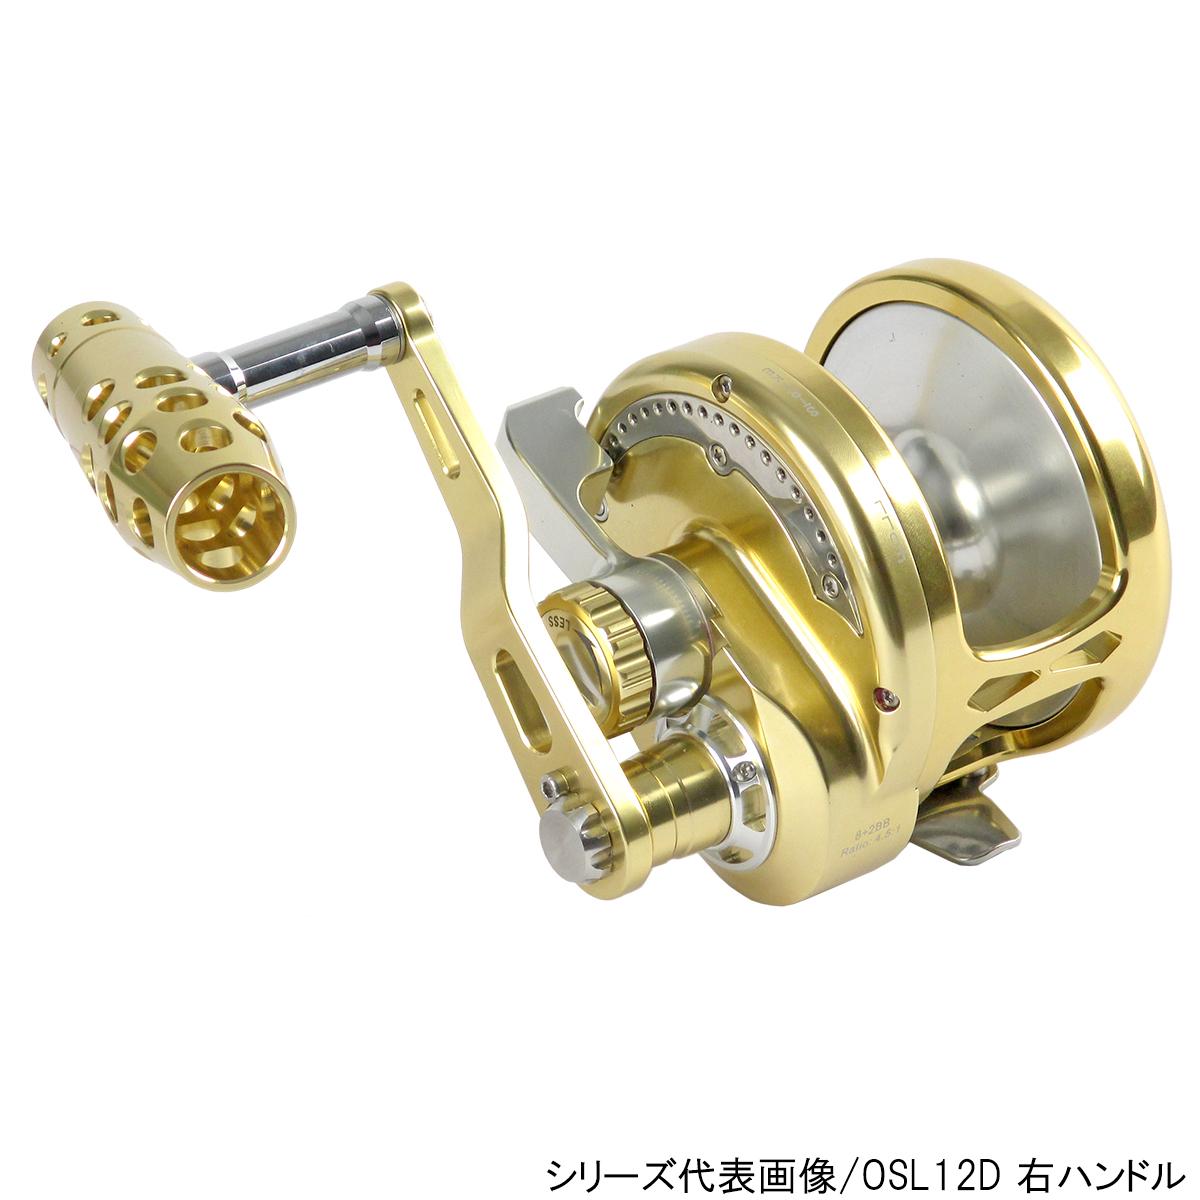 シーライオンPG OSL11D Gold/Silver 右ハンドル